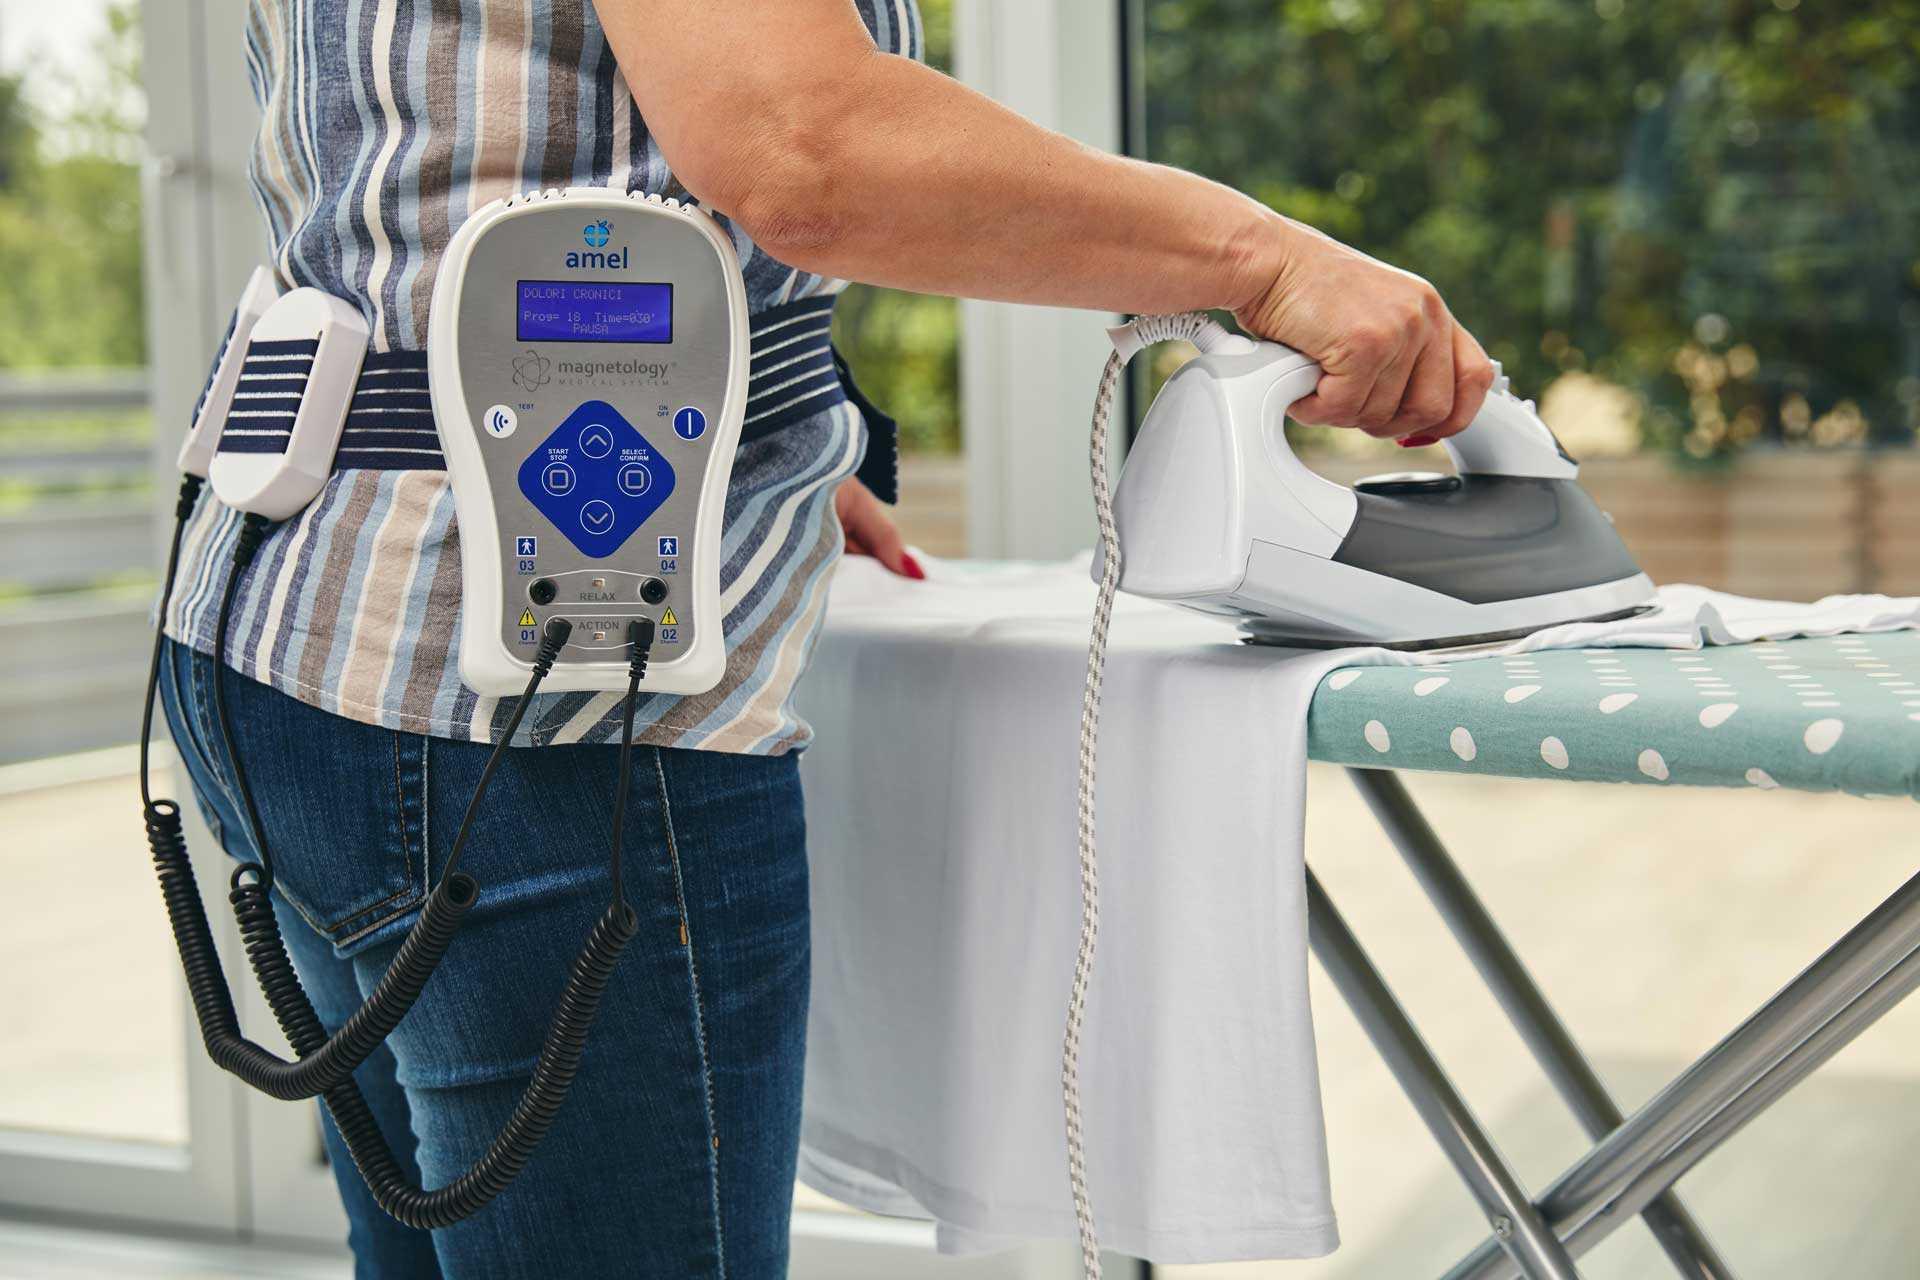 I moderni dispositivi per magnetoterapia sono semplici da utilizzare, estremamente maneggevoli